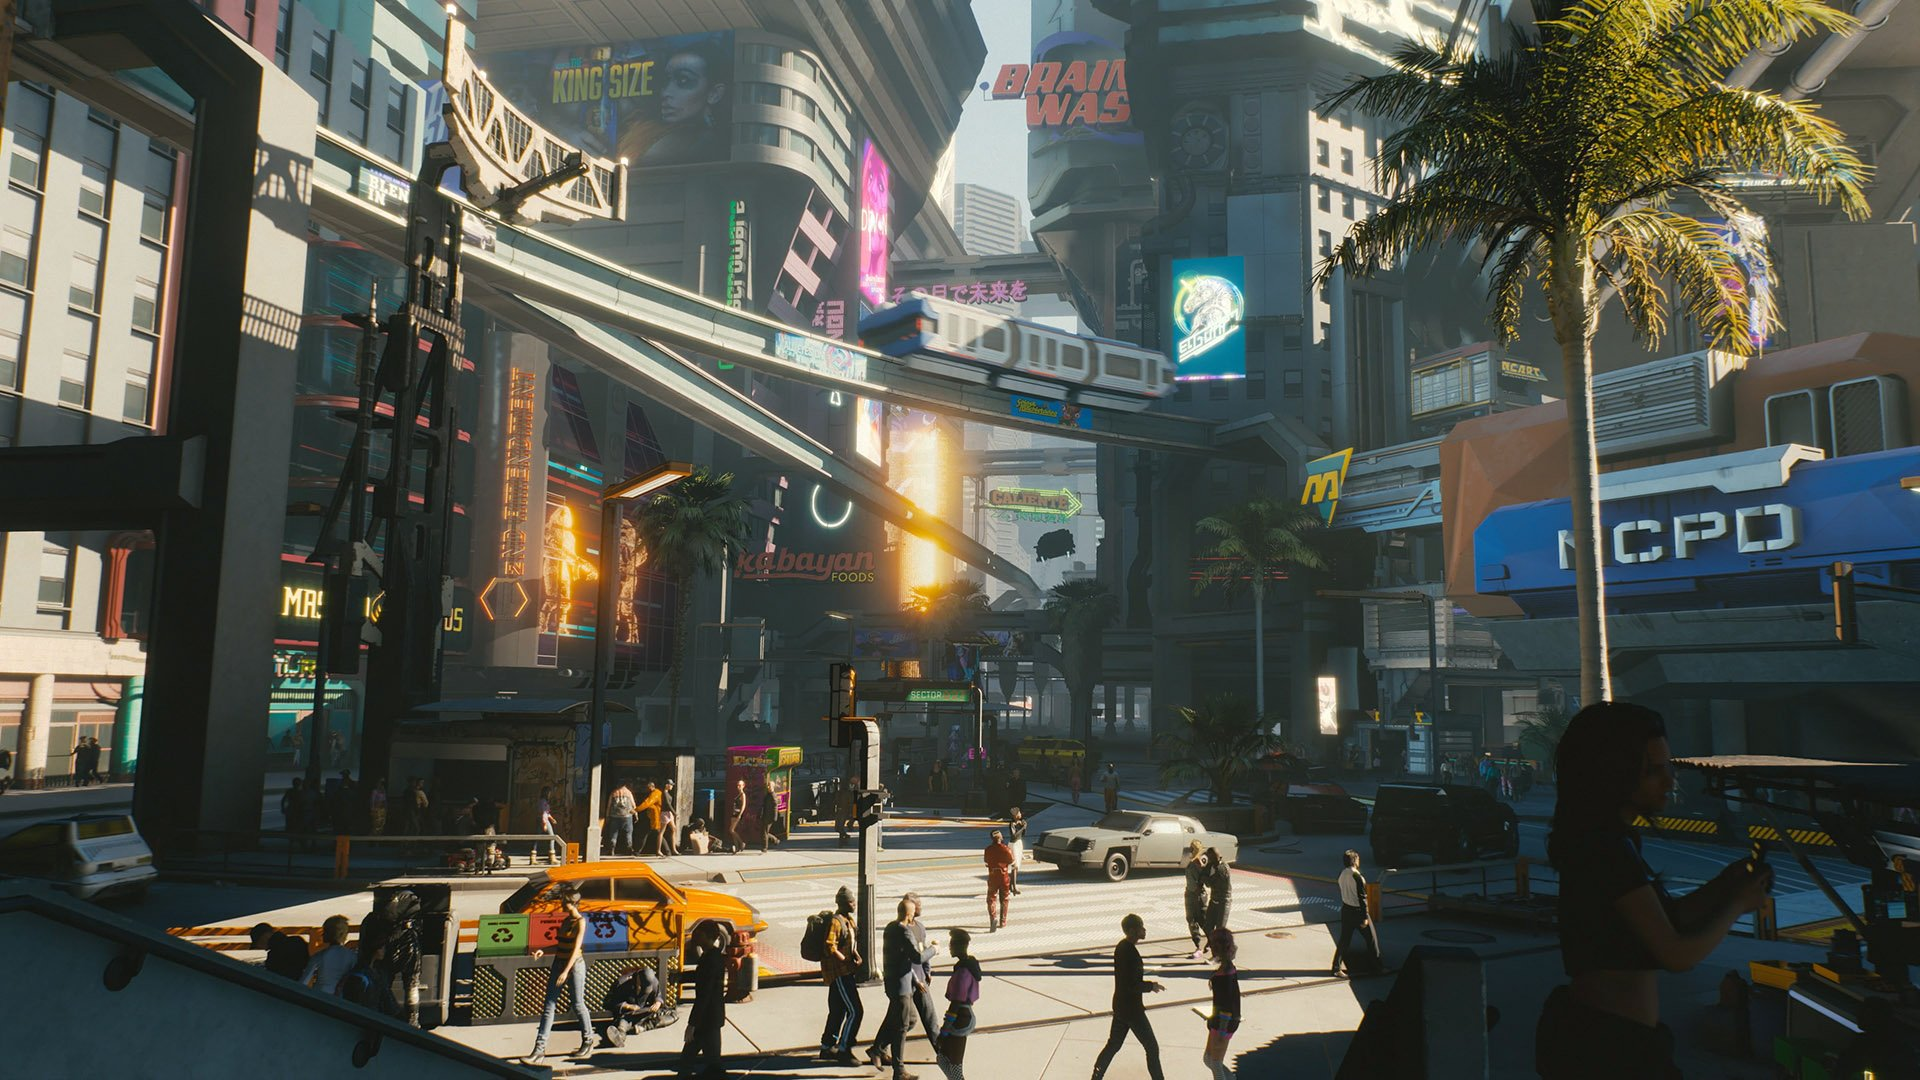 Cyberpunk 2077 จะมีภารกิจเนื้อเรื่องเสริมมากกว่า 75 เรื่อง – play4thai |รวมข่าวอัพเดทต่างๆๆเกี่ยวกับ PS4, PS5 เทคนิคและรีวิวเกมต่างๆๆ พูดคุยทุกเรื่องของเพลย์สเตชั่น เพลย์สี่, ราคา PS4, PS5, เพลย์ห้า, ราคา PS5